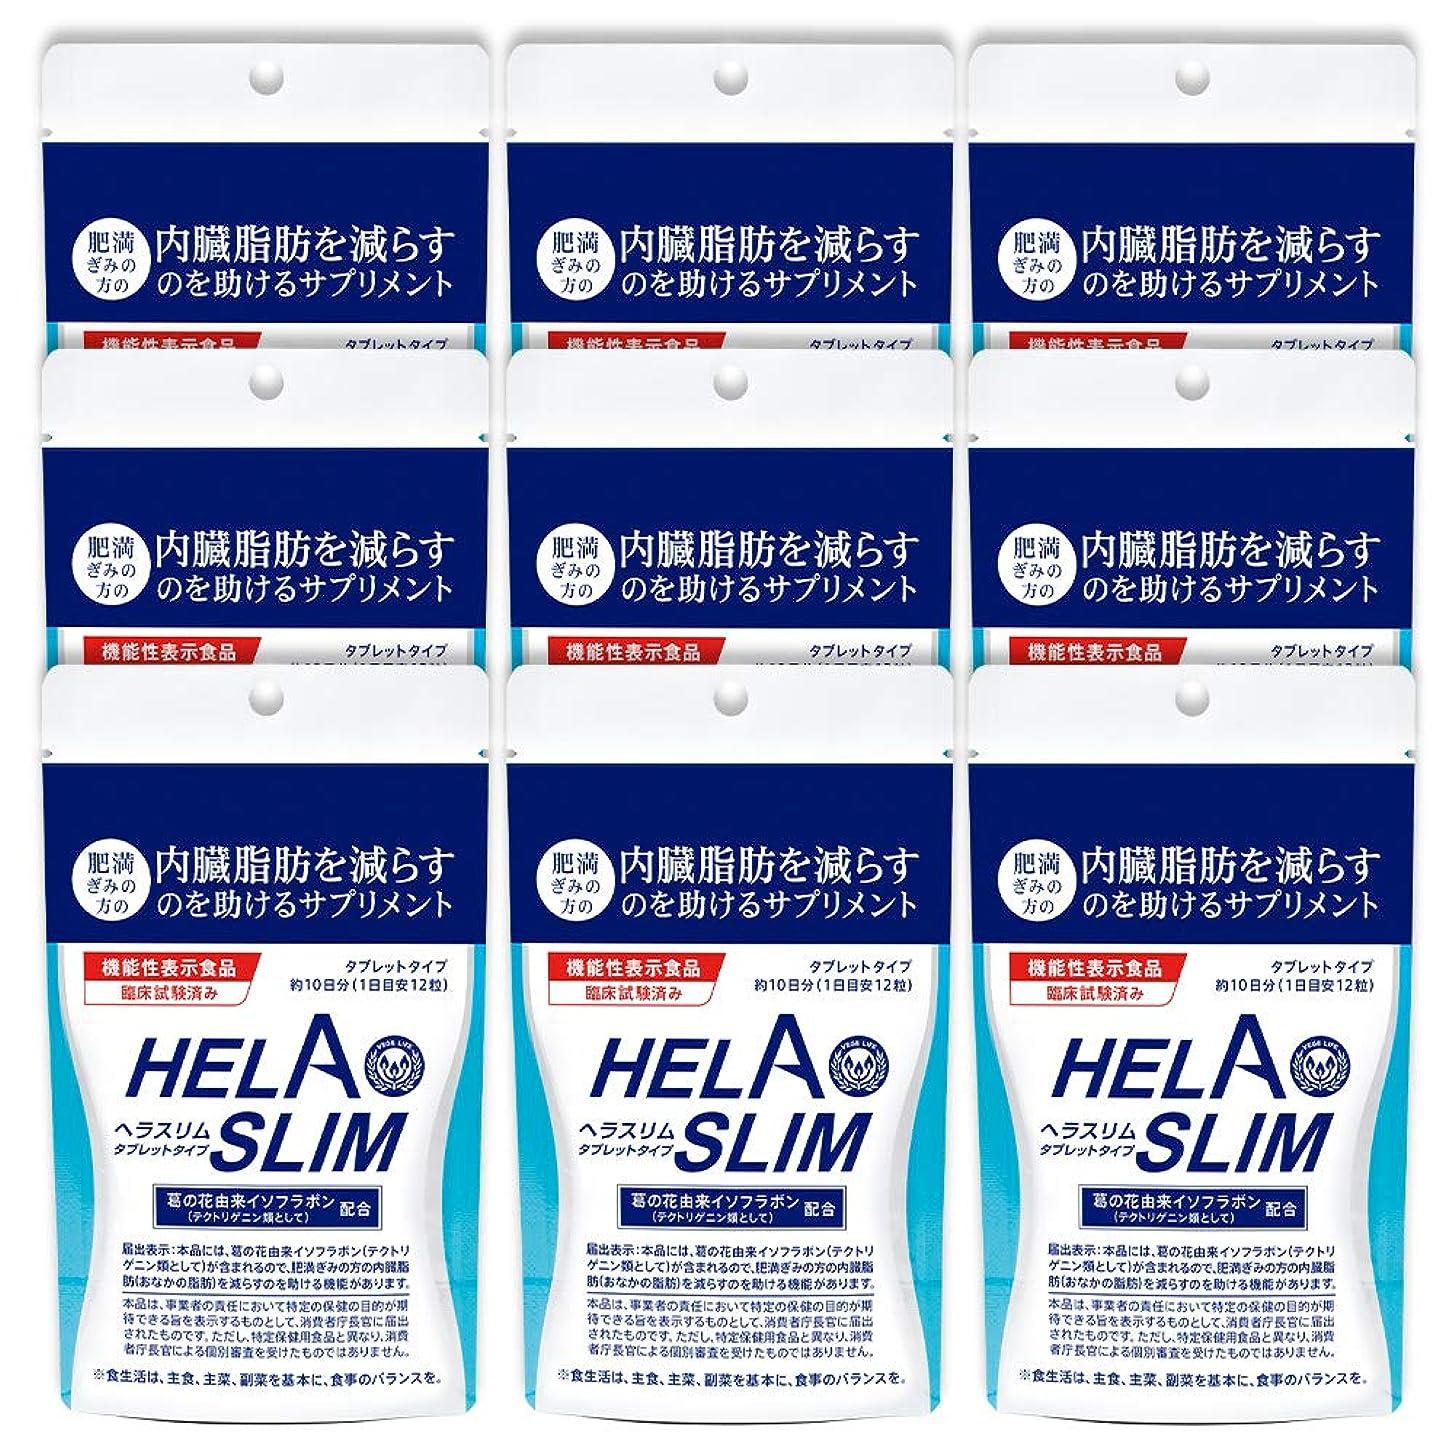 誕生コマンドビタミン【9袋セット】HELASLIM(120粒入り)アルミパック